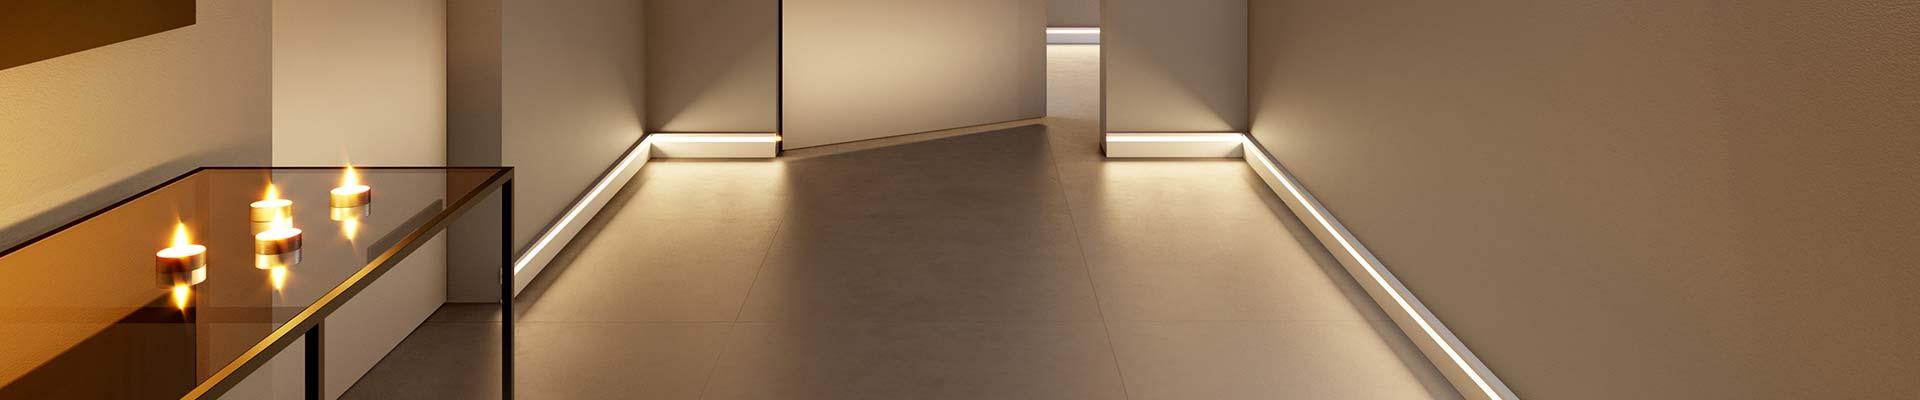 nmc Lichtleisten Raumbild - Beitragsbild